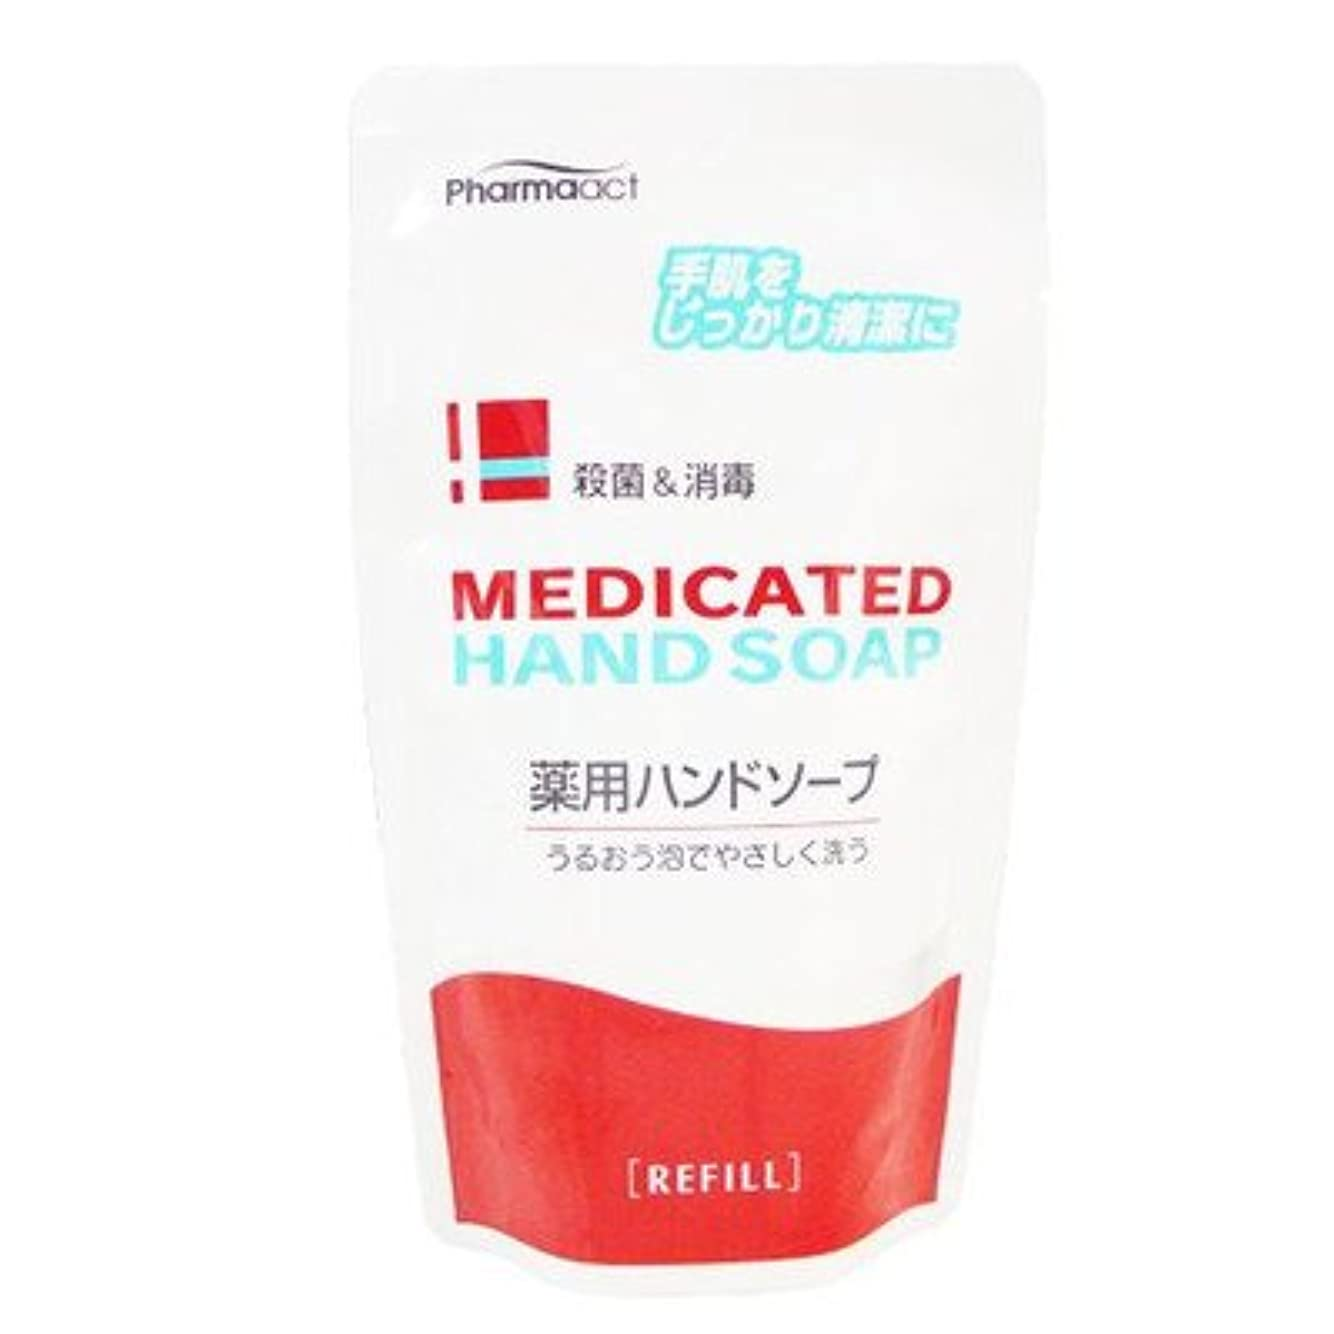 宿限定面積Medicated 薬用ハンドソープ 殺菌+消毒 200ml【つめかえ用】(医薬部外品)